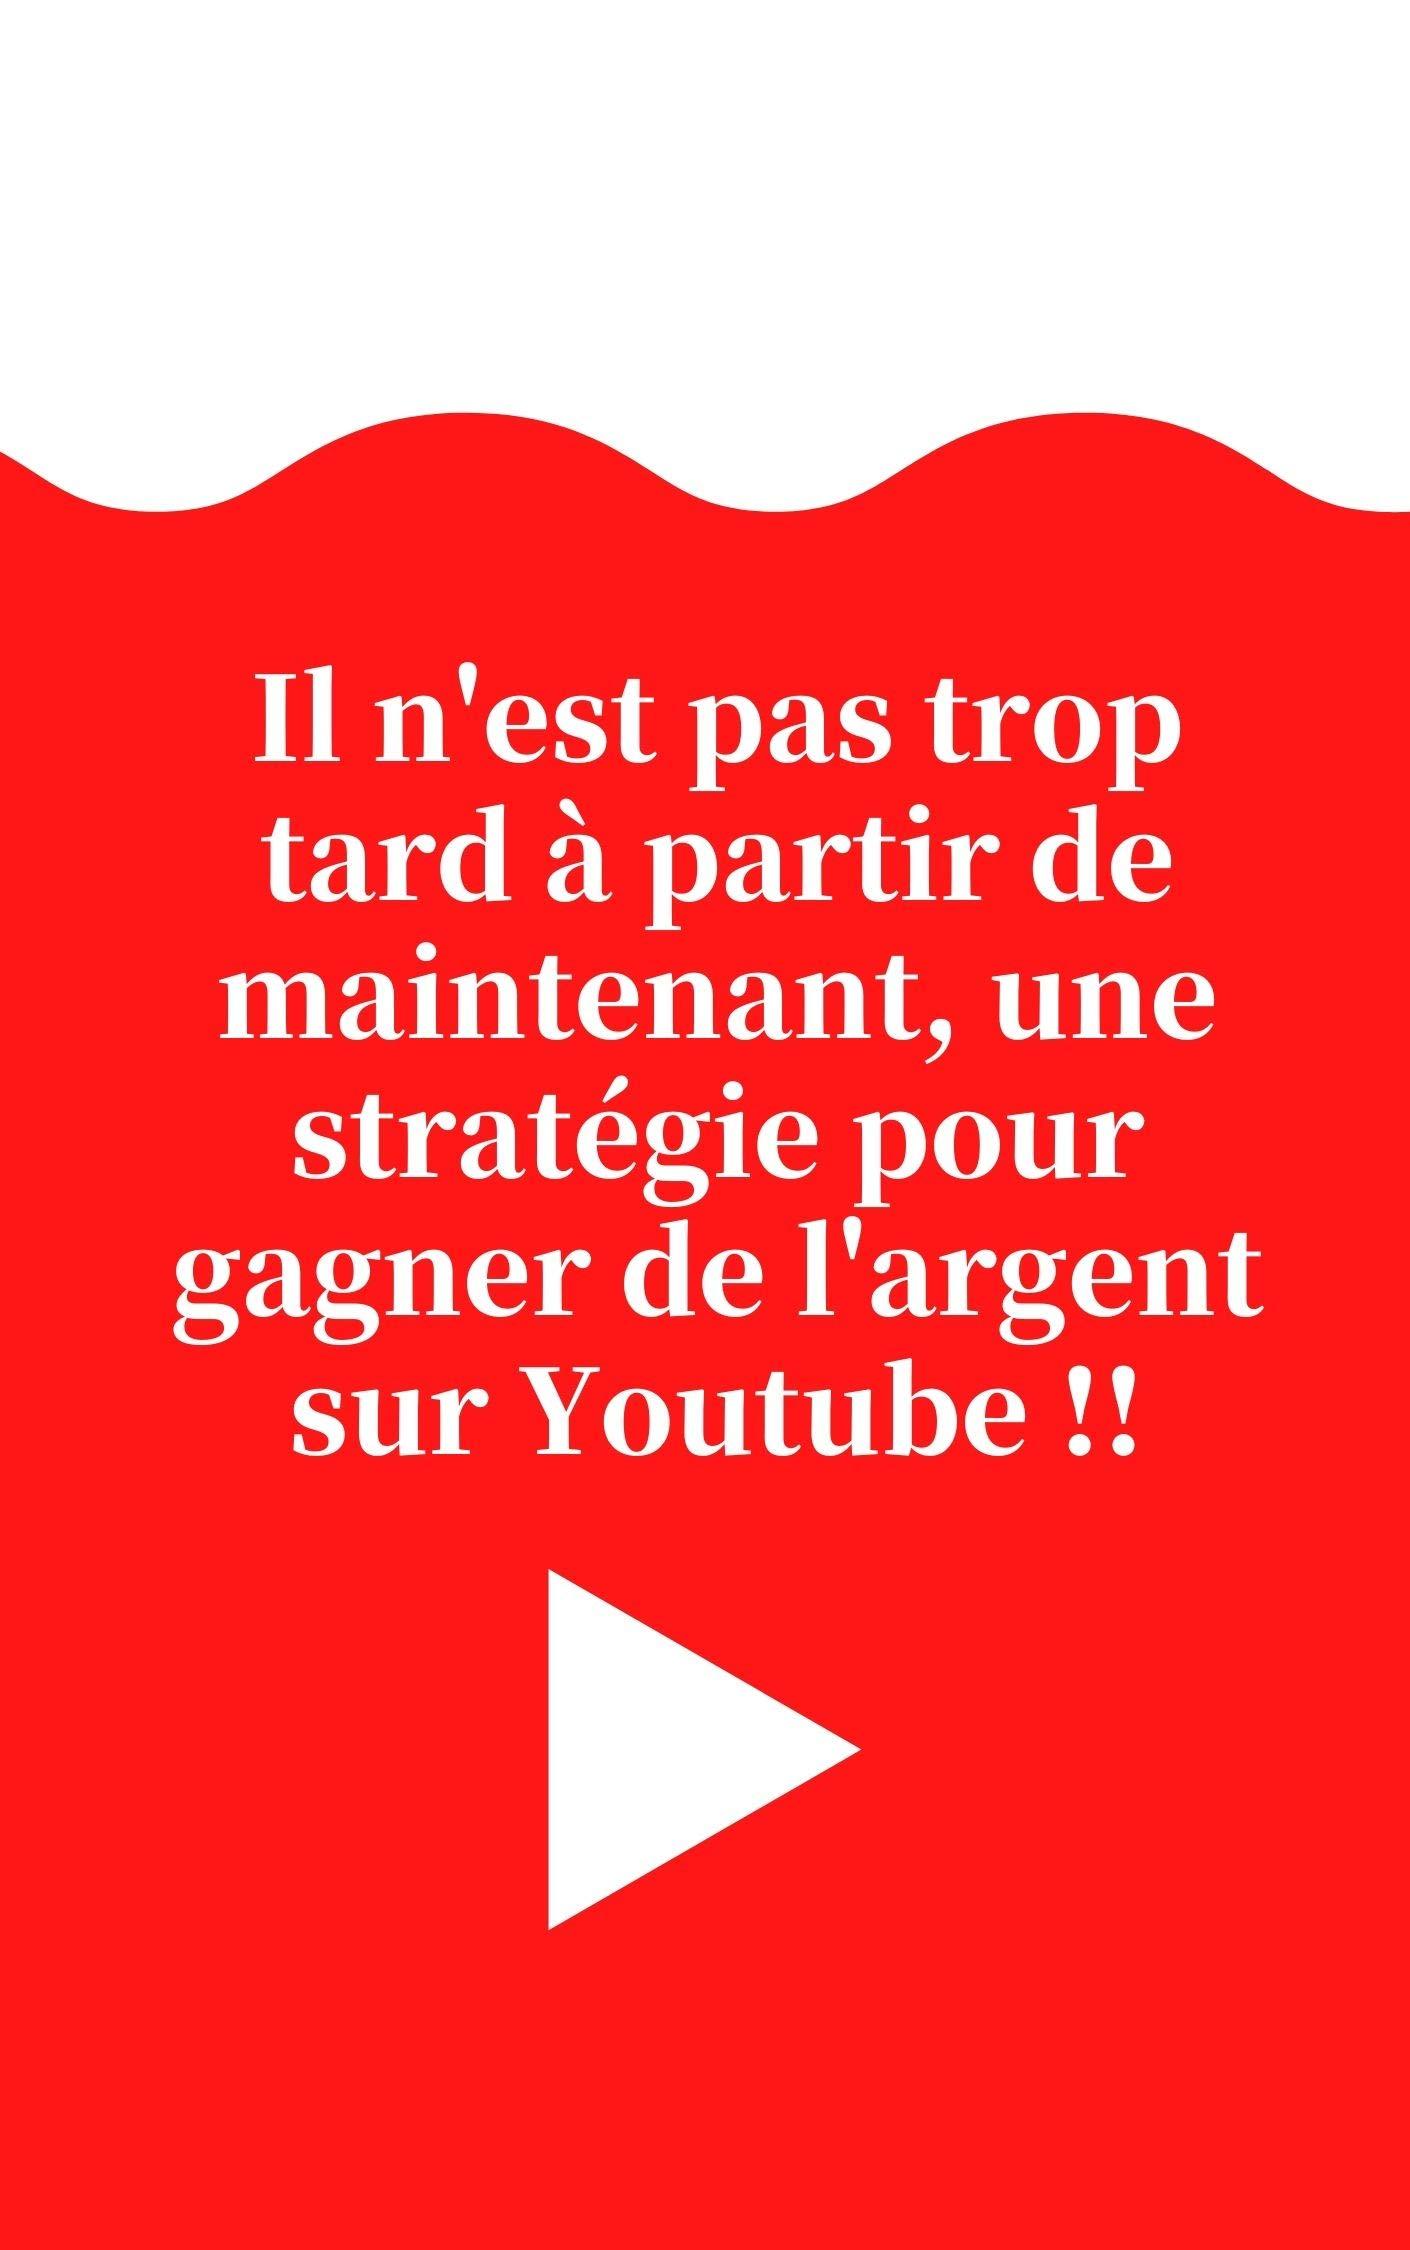 Il n'est pas trop tard à partir de maintenant, une stratégie pour gagner de l'argent sur Youtube !! (French Edition)